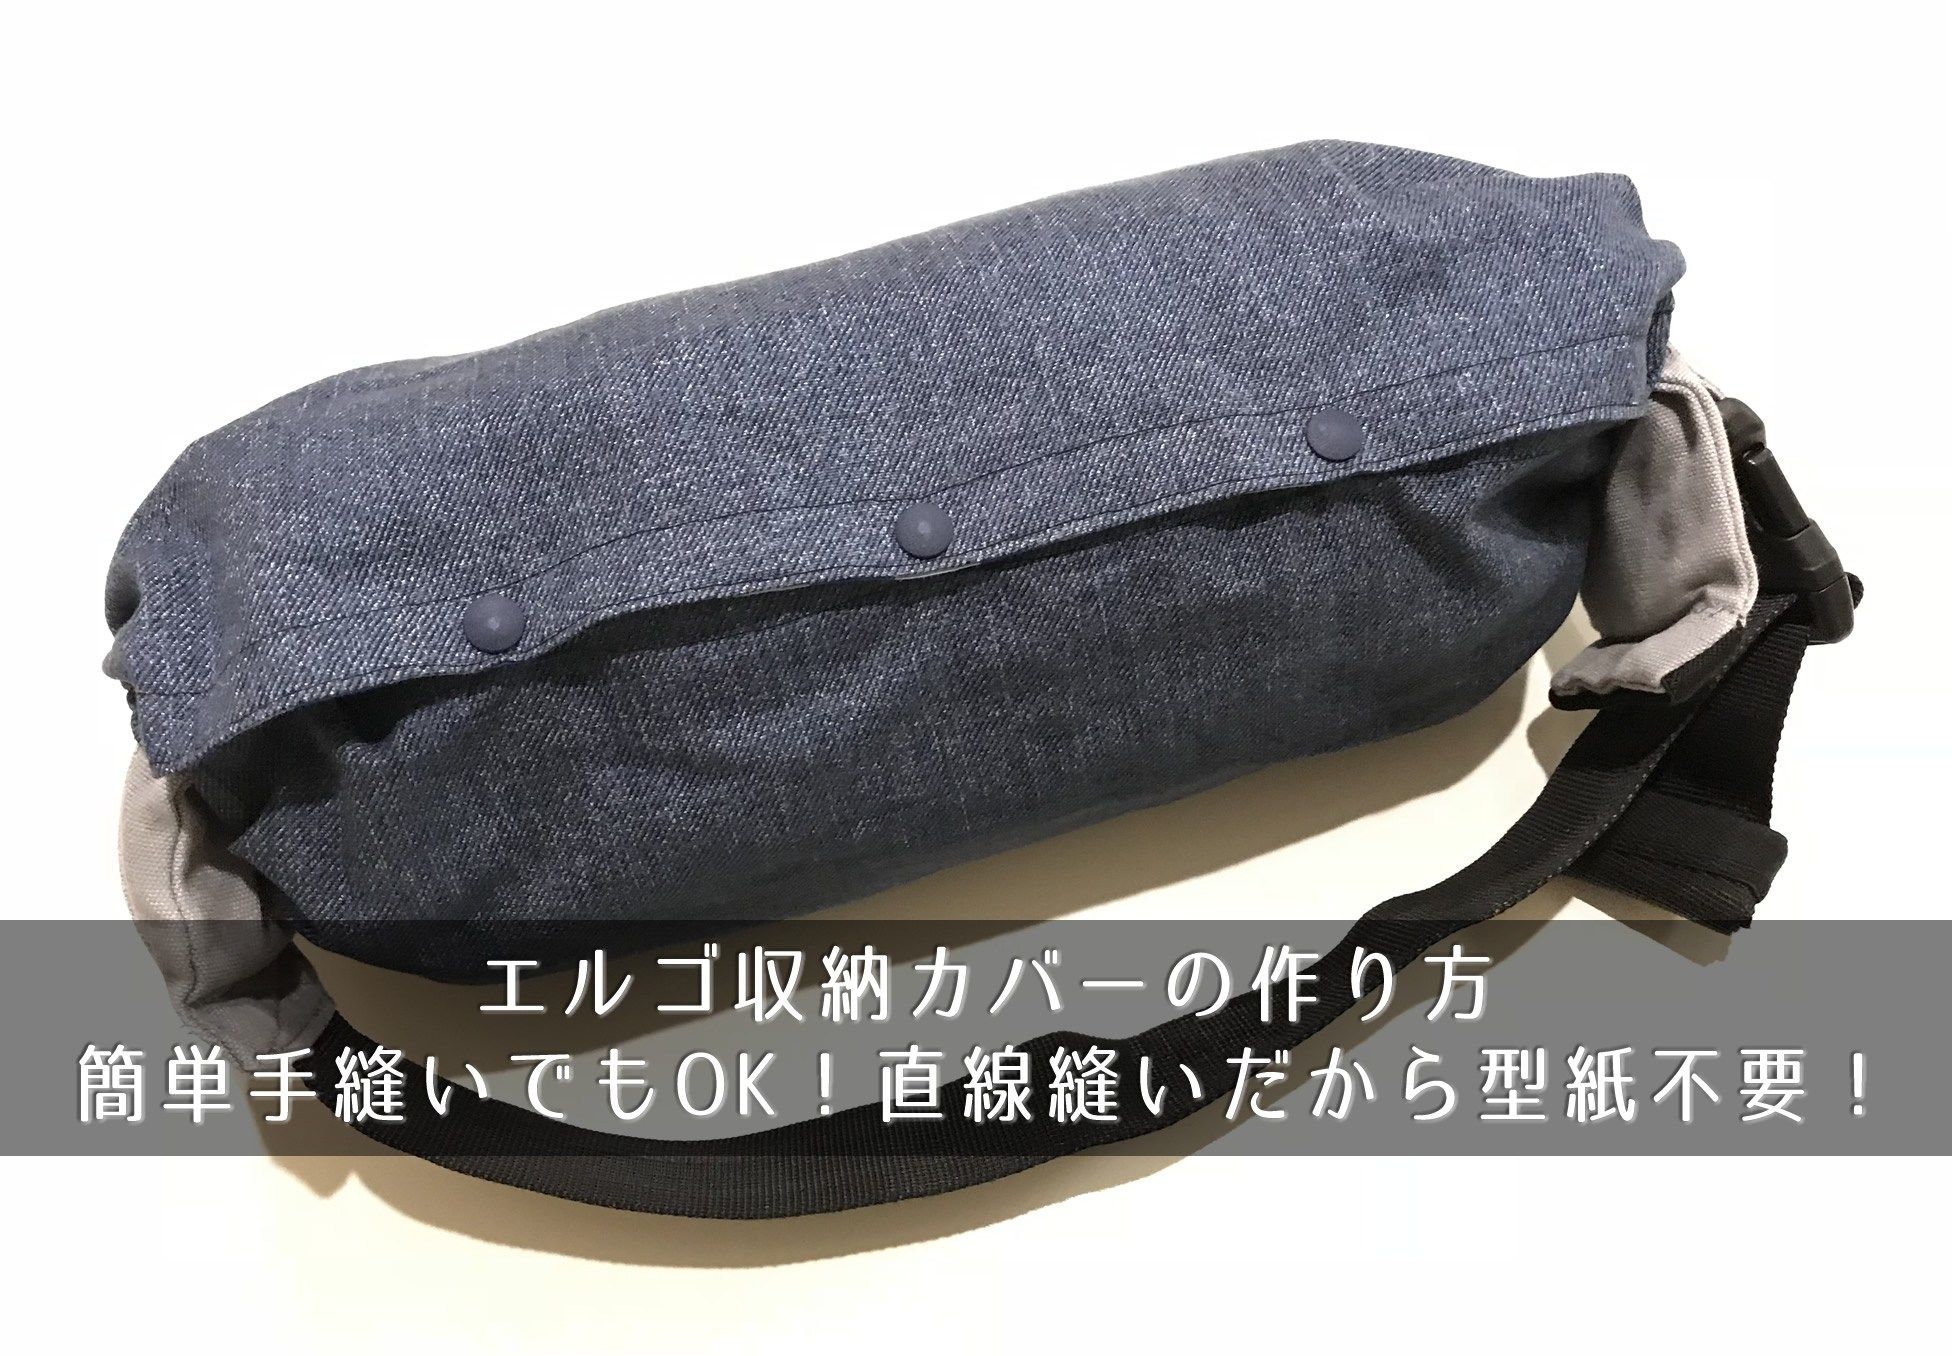 エルゴ収納カバーの作り方 簡単手縫いでもok 直線縫いだから型紙不要